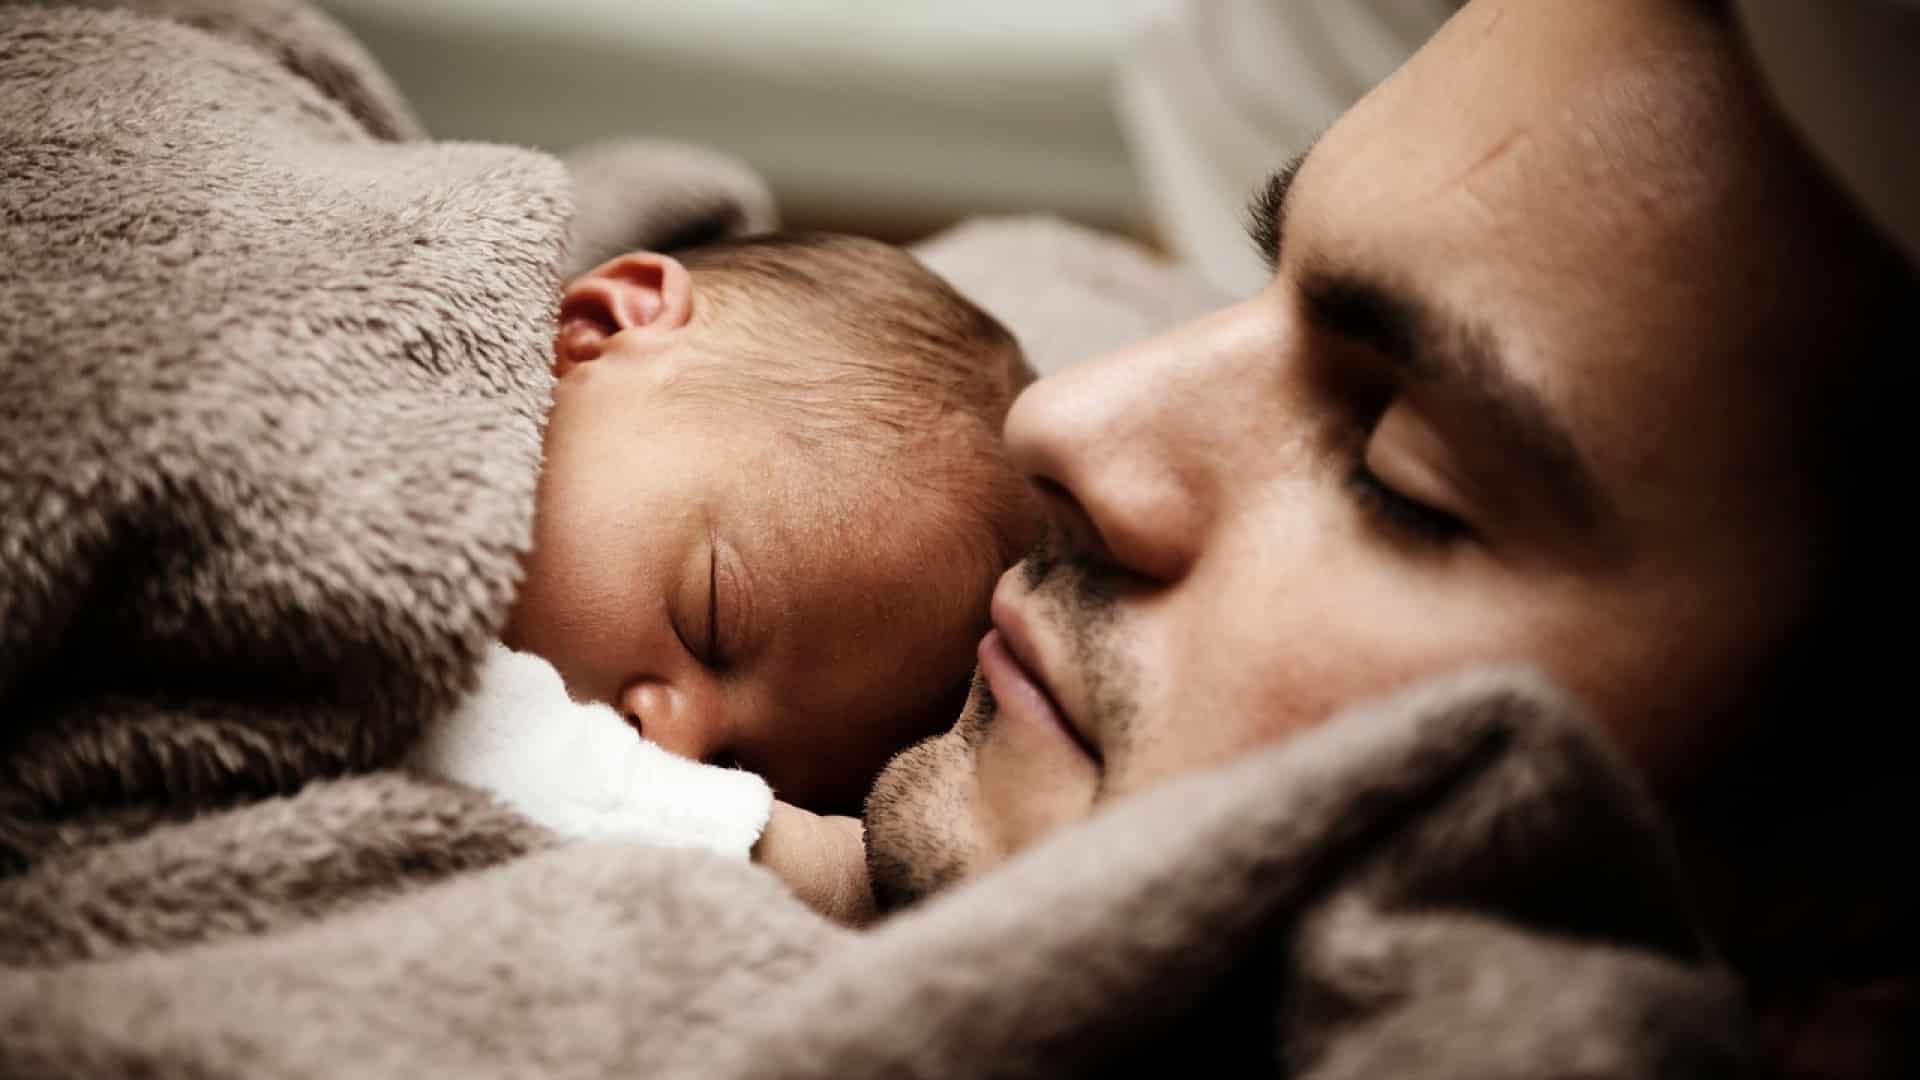 Le test de paternité ou de lien de parenté à acheter sur Internet